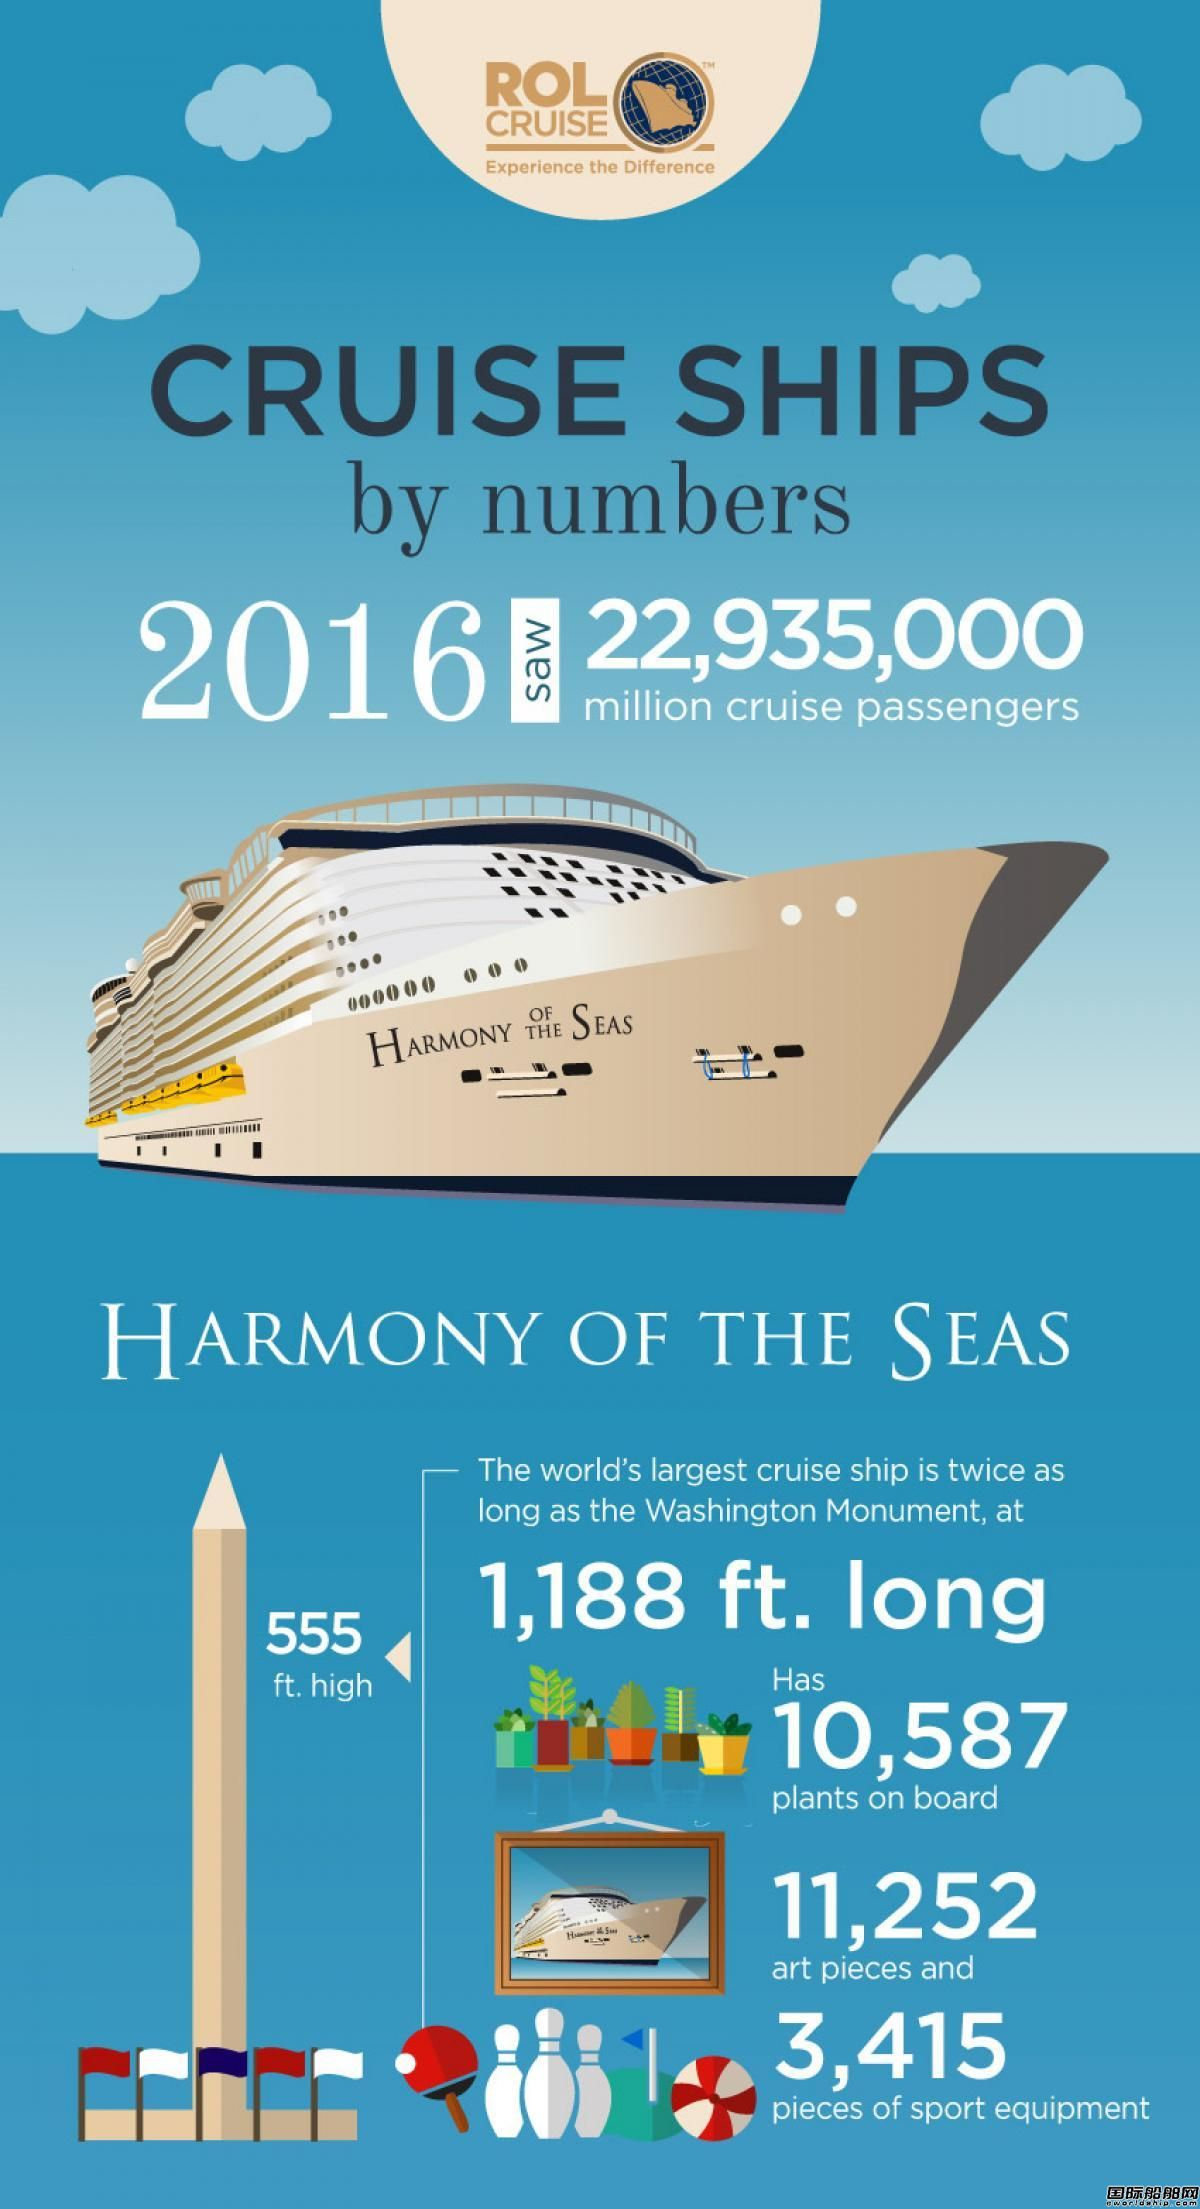 【图解】关于邮轮的有趣数字